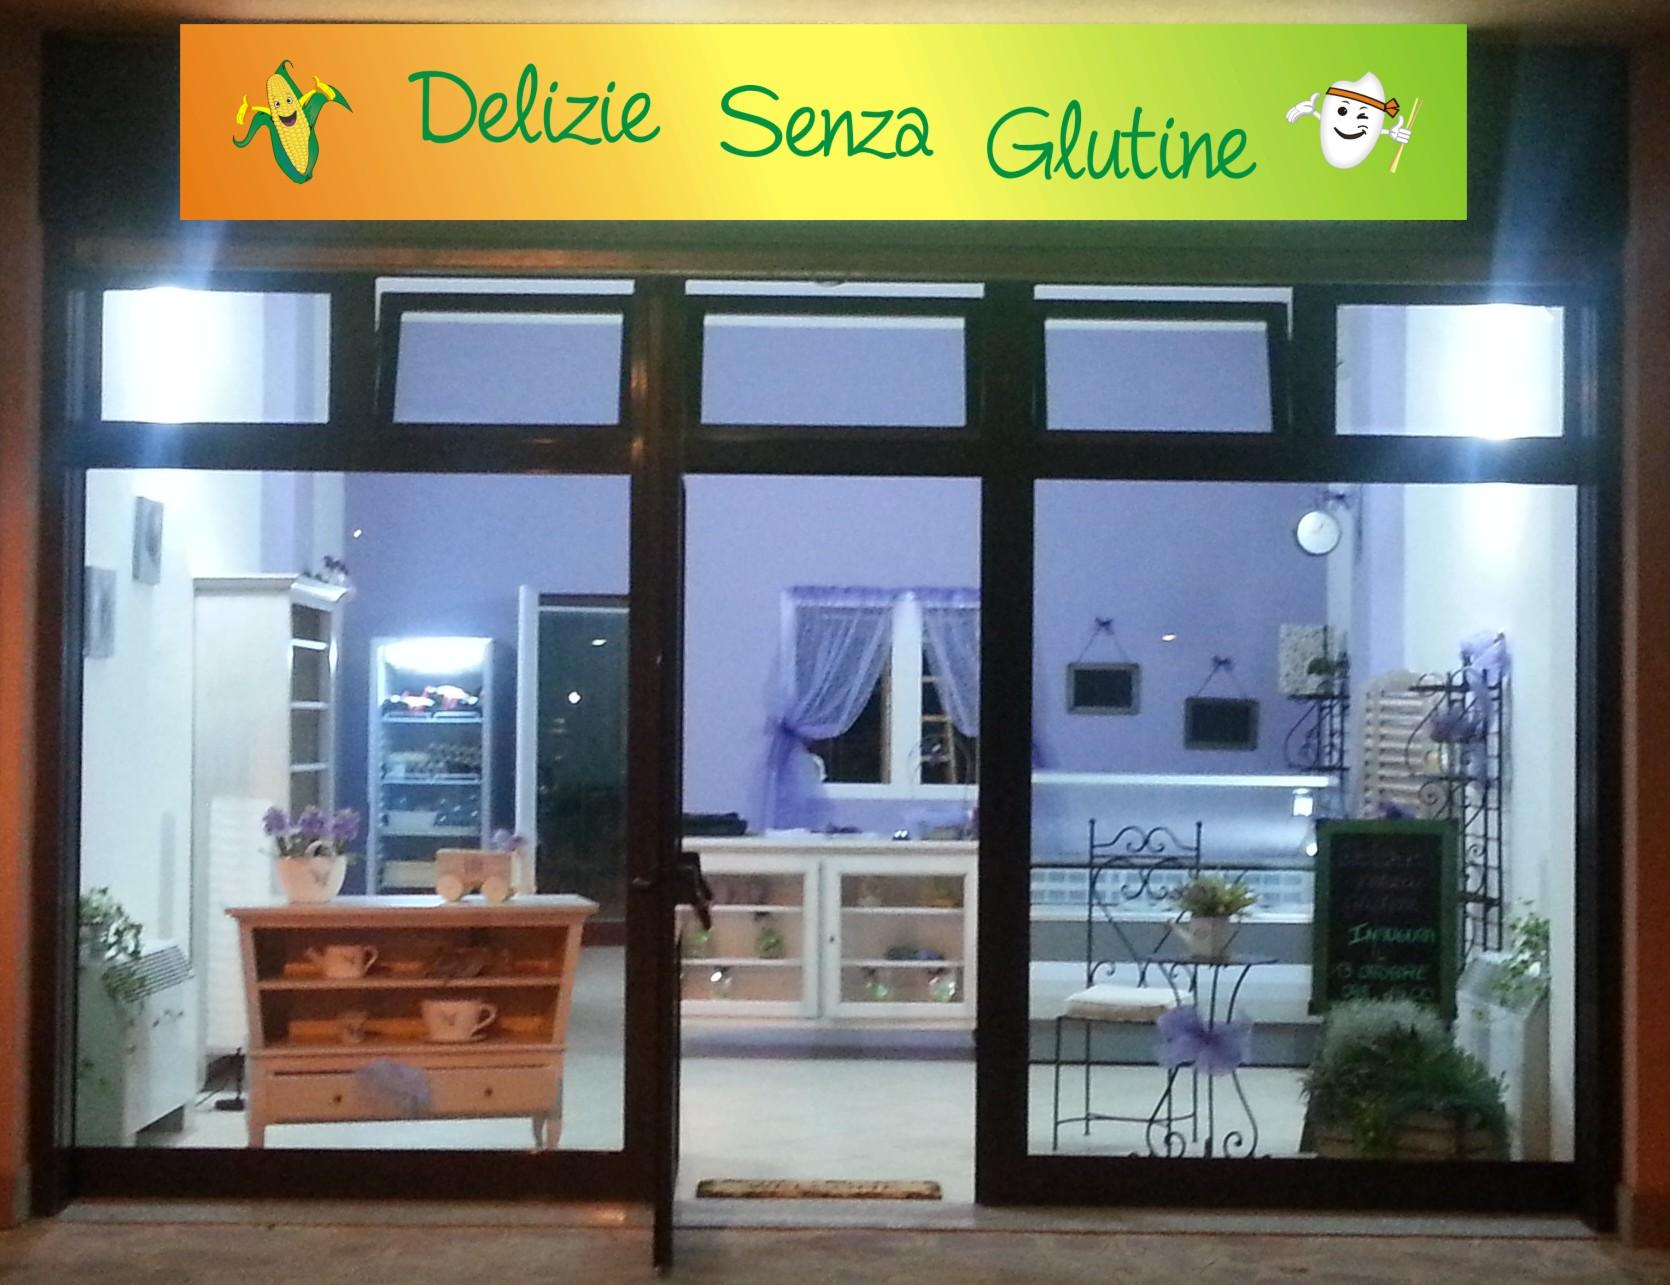 Delizie Senza Glutine - Home